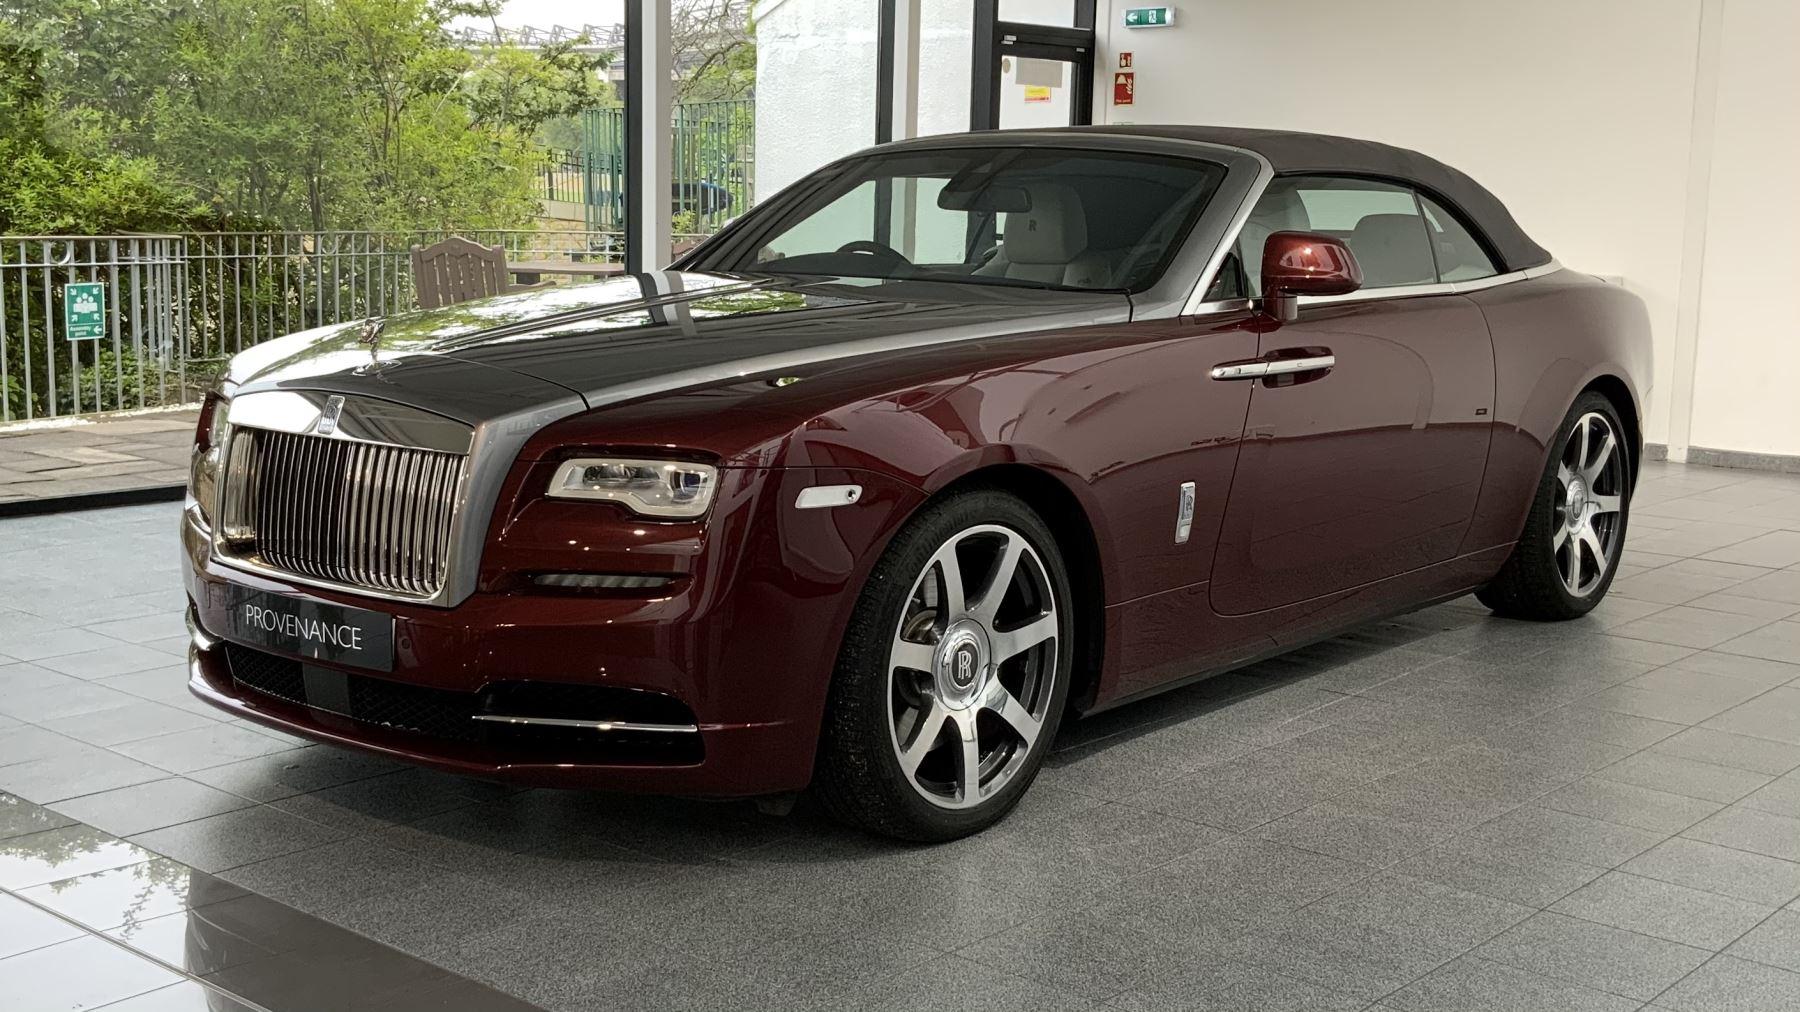 Rolls-Royce Dawn 2dr Auto image 20